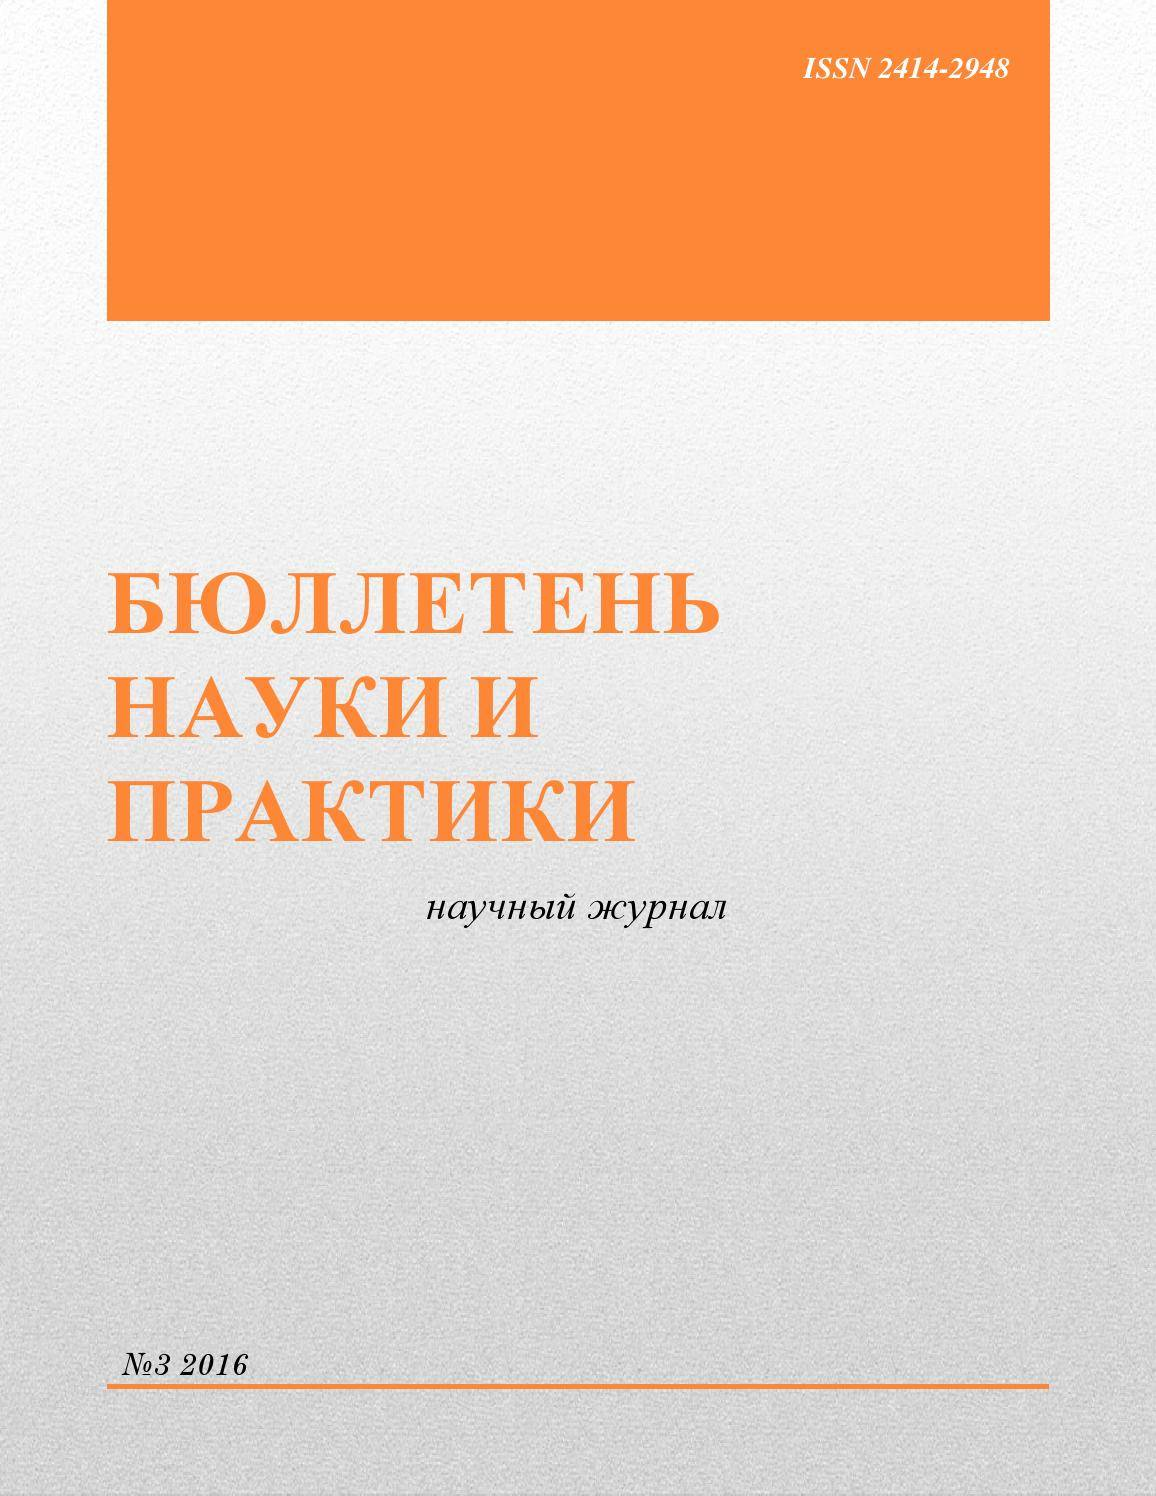 Групповая психотерапия   энциклопедия кругосвет